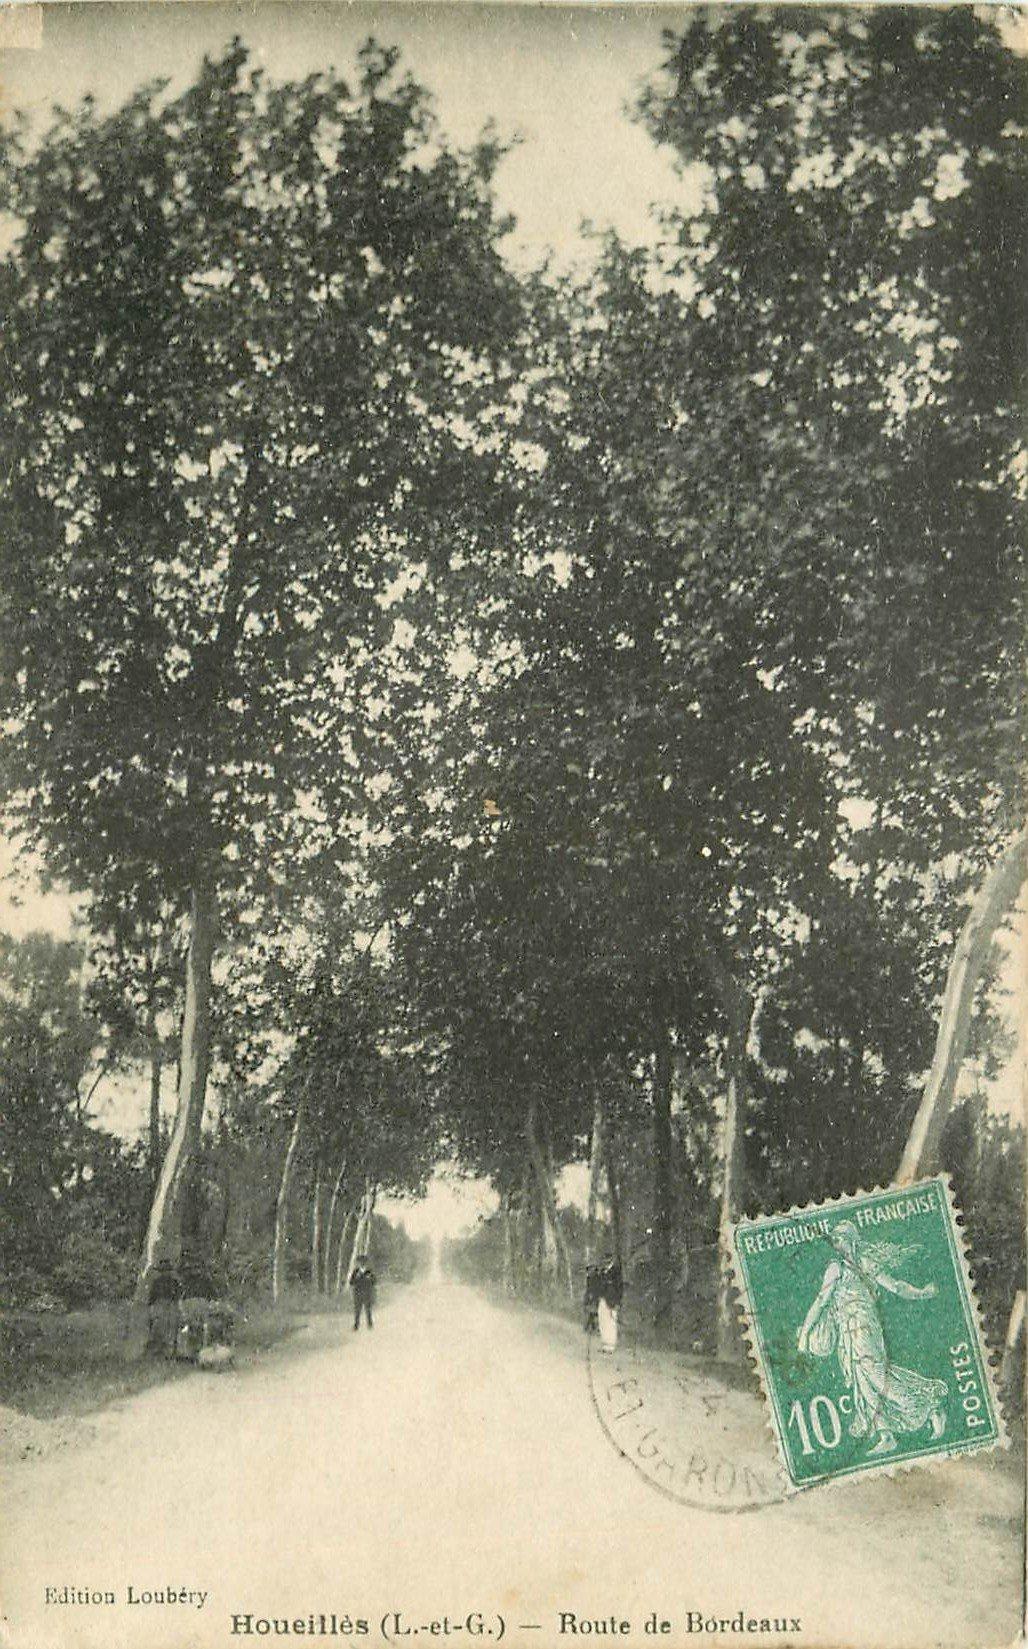 47 HOUEILLES. Route de Bordeaux 1924